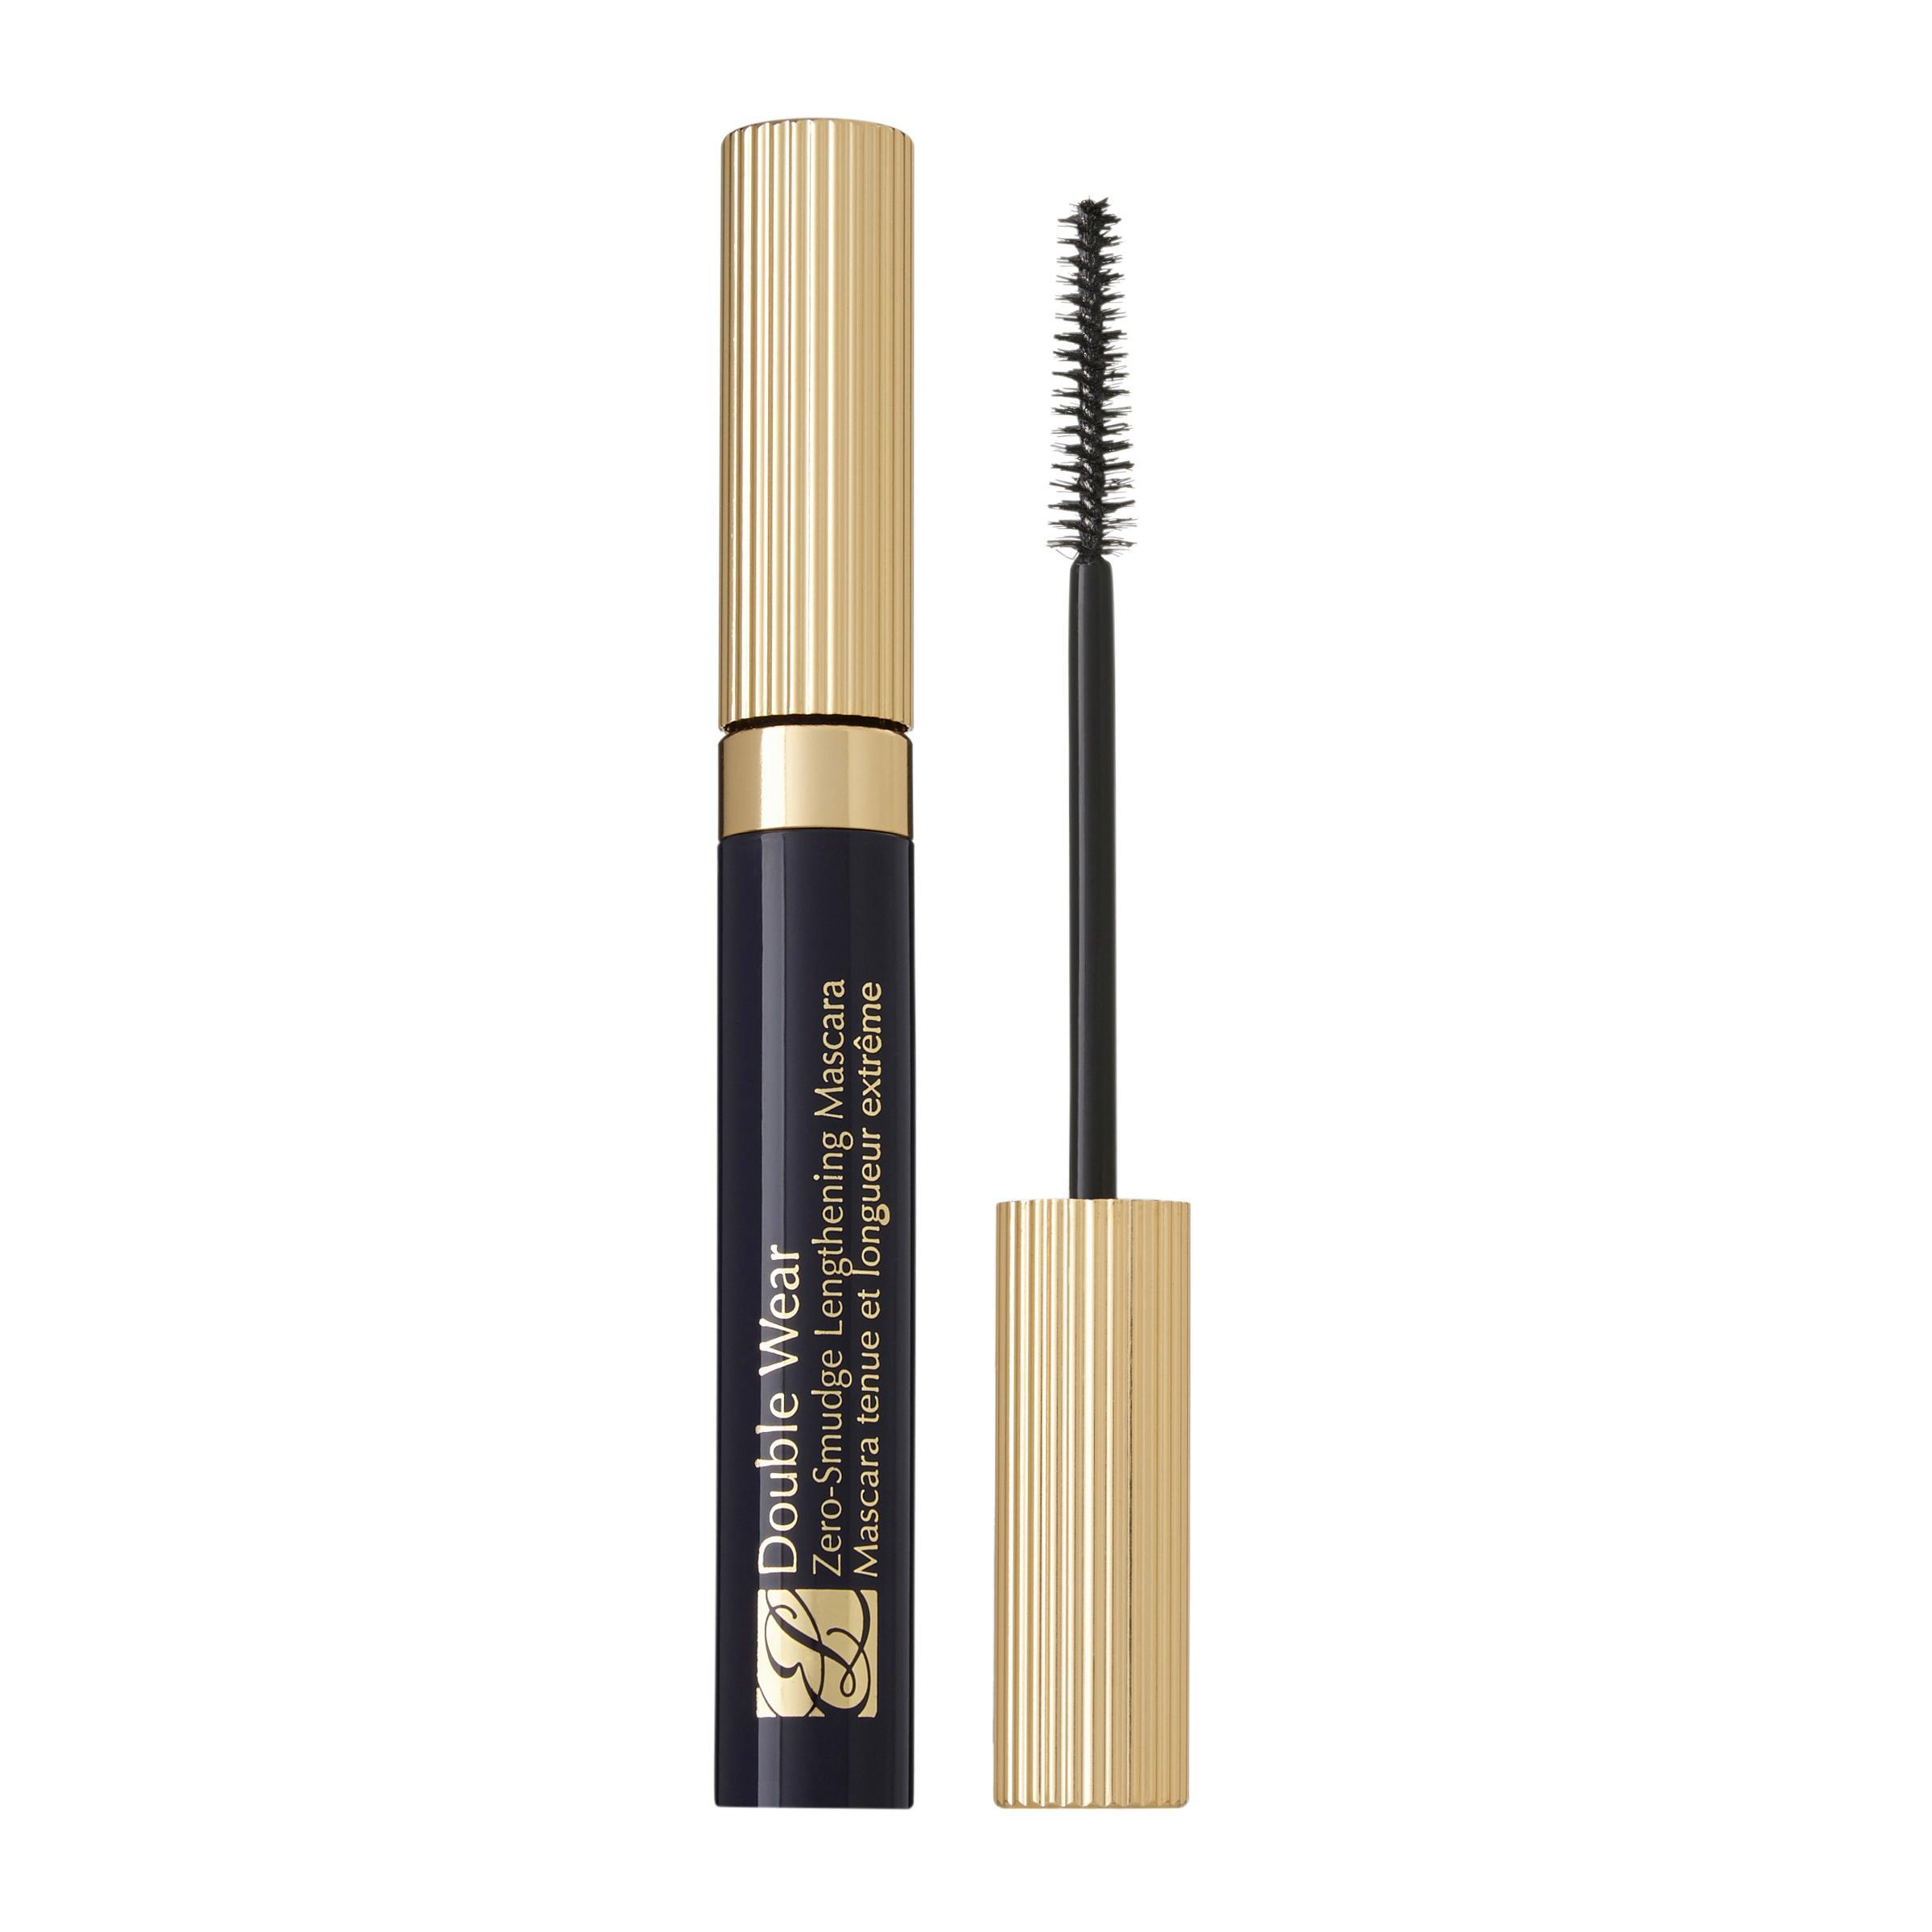 Estée Lauder - Double Wear Zero Smudge Mascara - Black